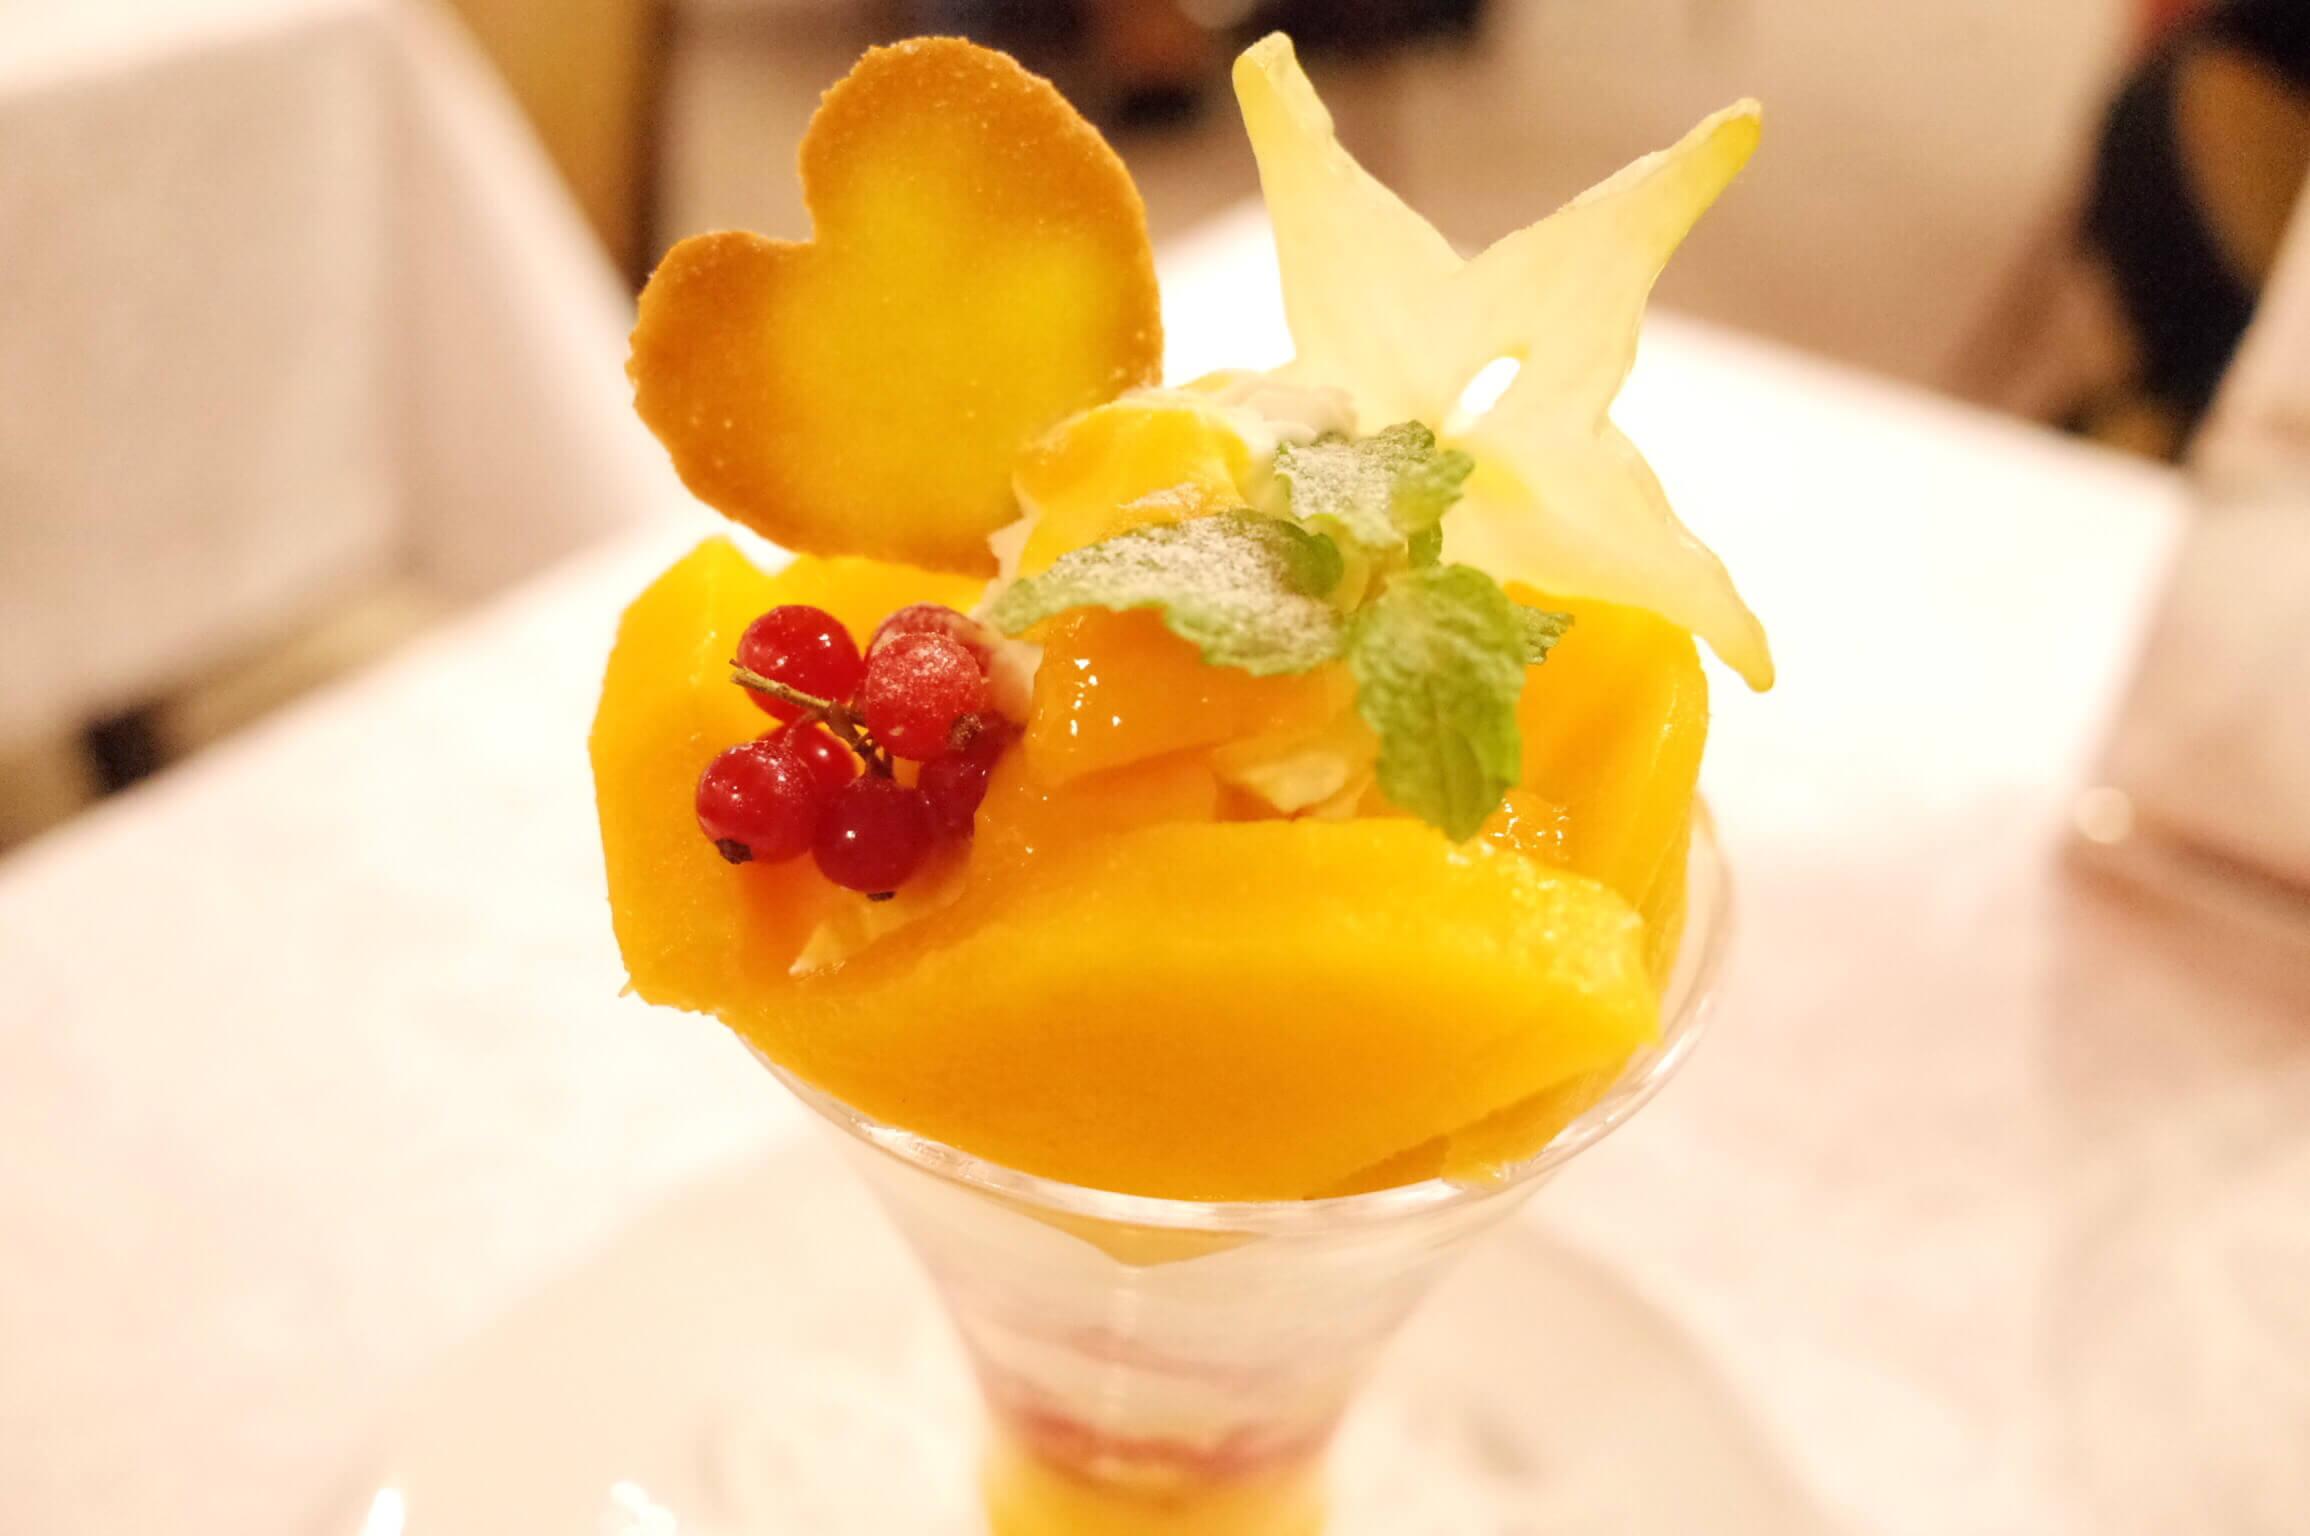 銀座 資生堂パーラー8月の限定パフェ は「キーツマンゴーのパフェ」!幻のマンゴーはねっとり濃厚